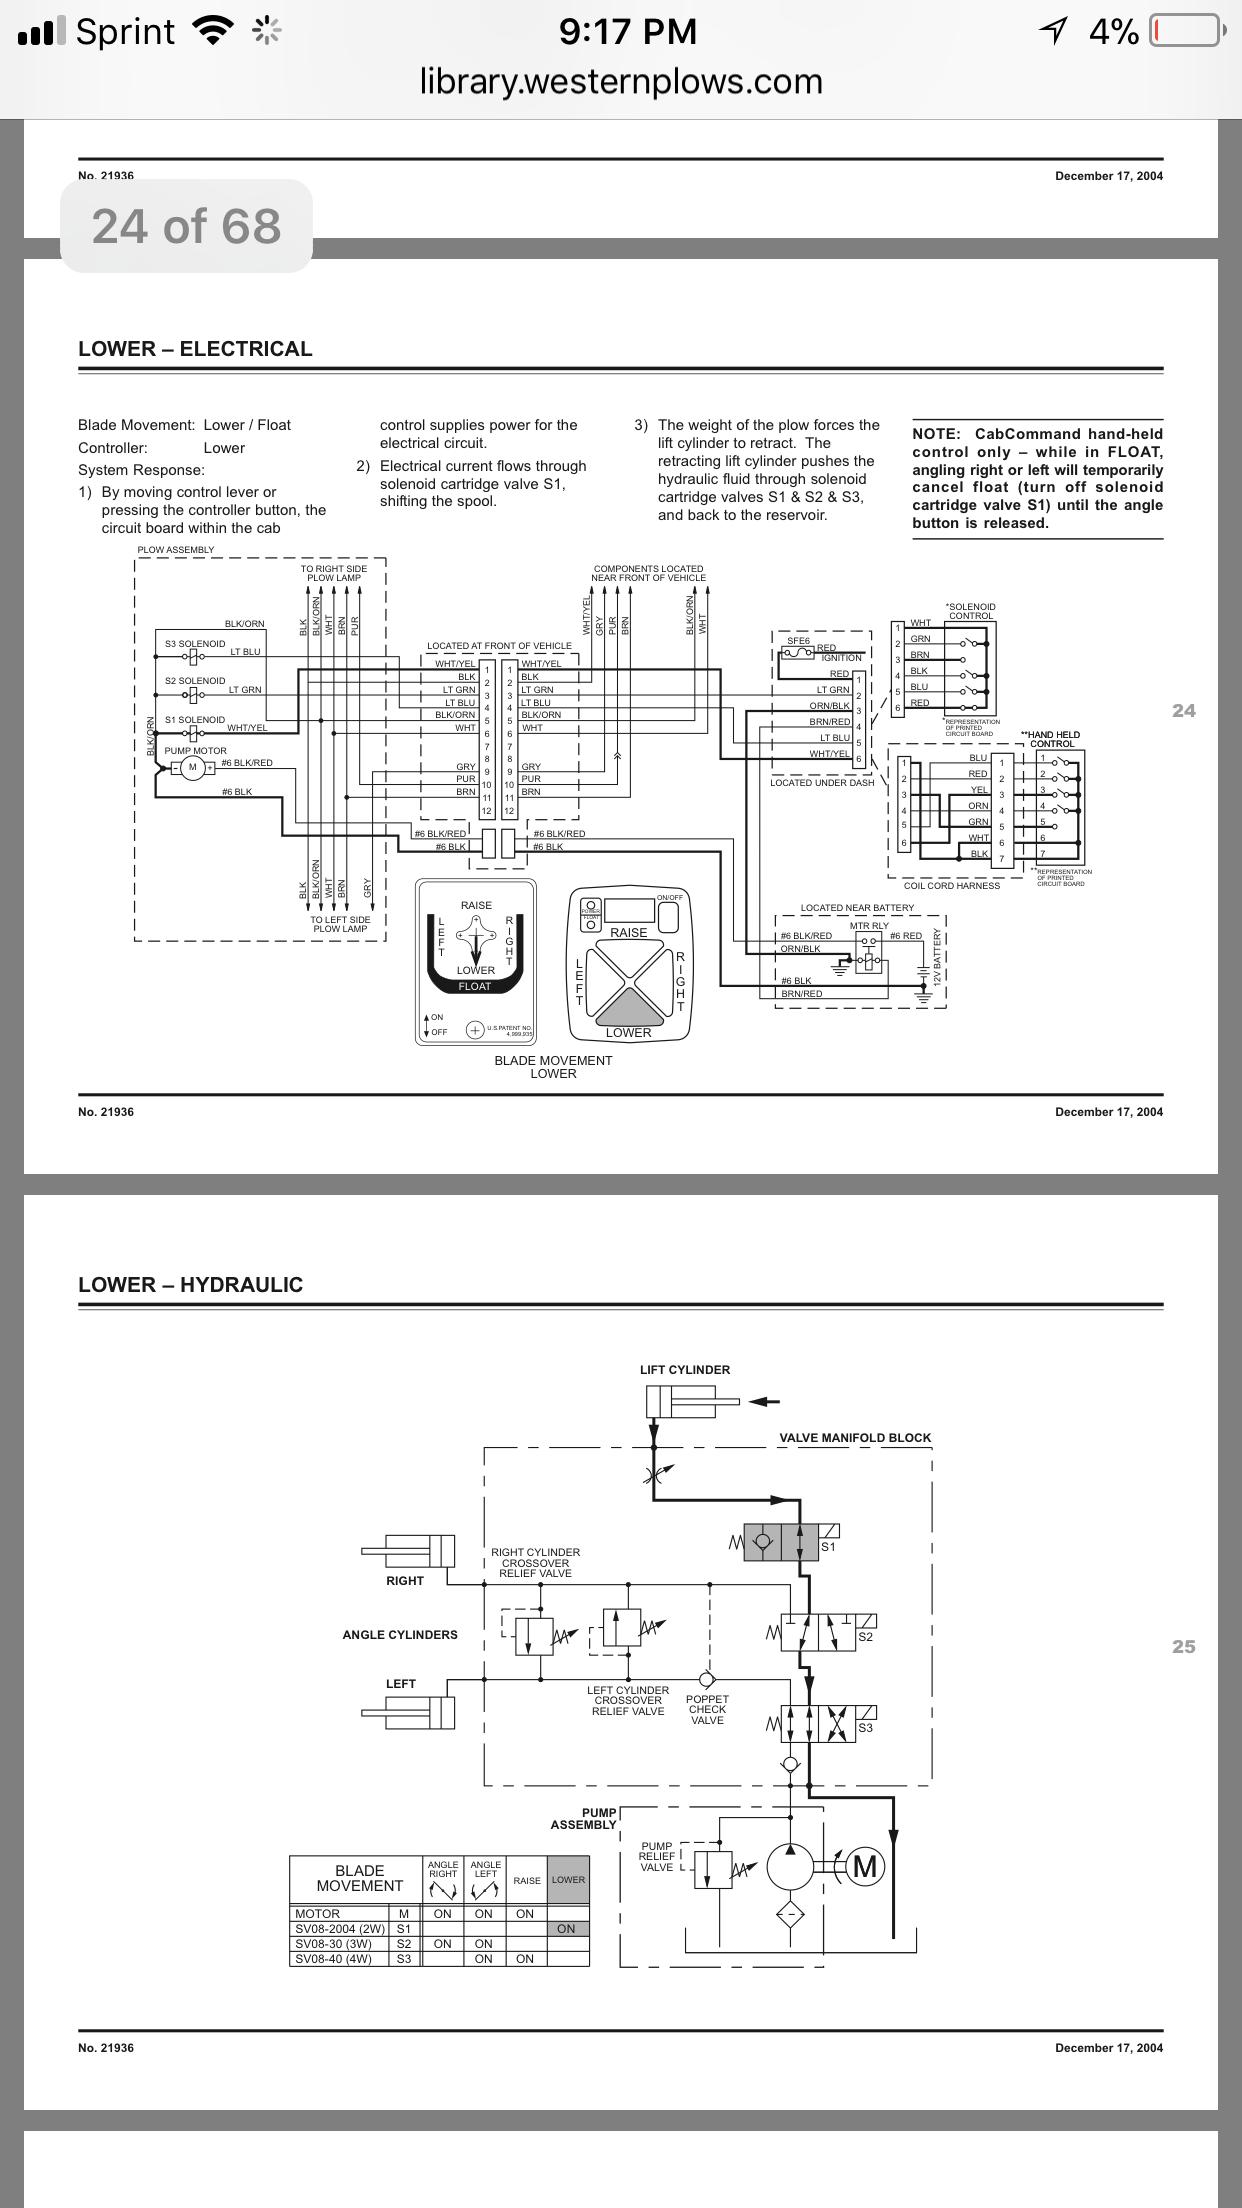 Ungewöhnlich Drahtmodellmöbel Ideen - Schaltplan Serie Circuit ...